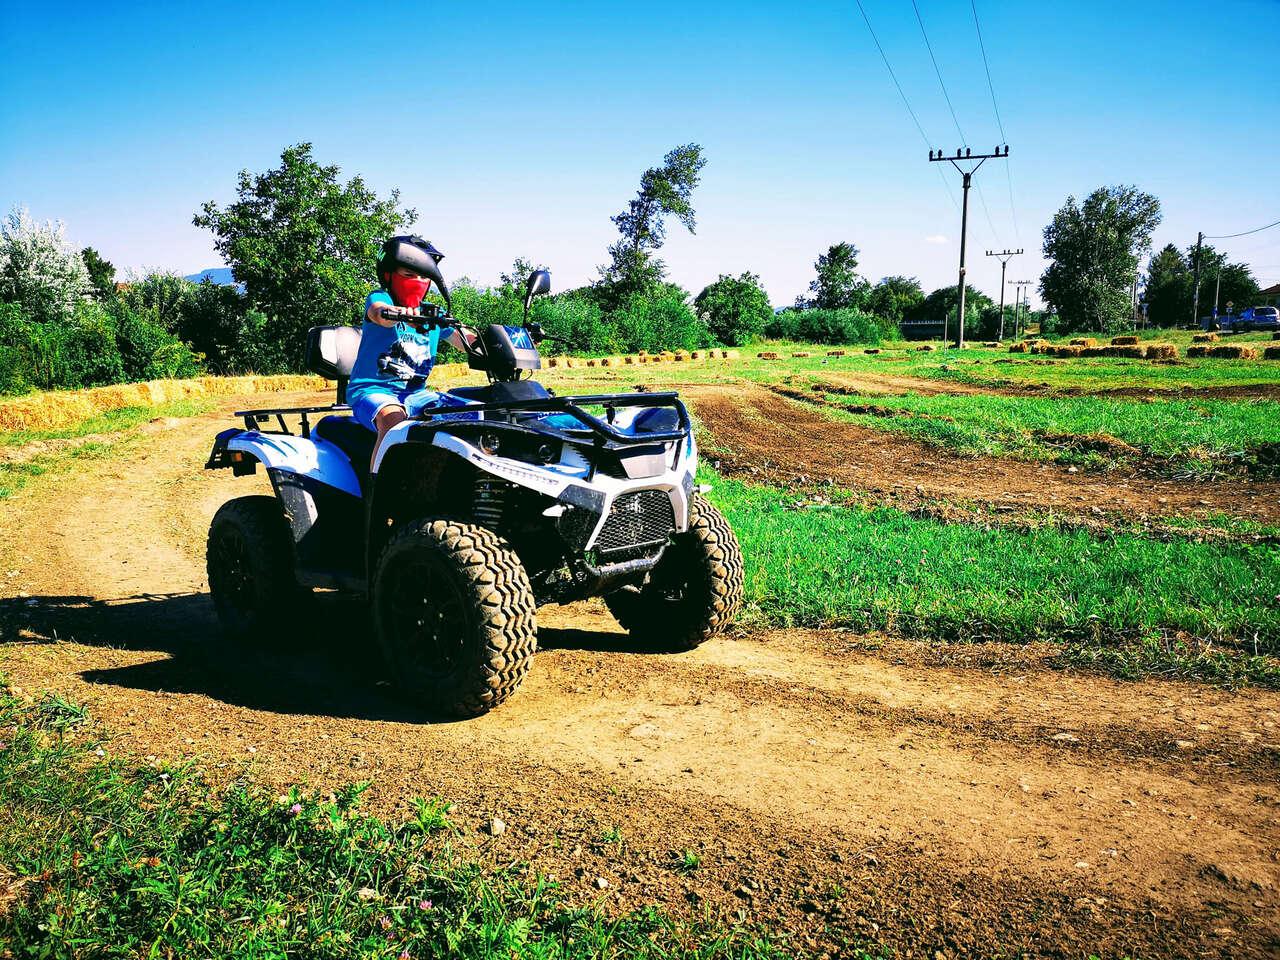 Safari jazda na elektrických štvorkolkách v Košiciach